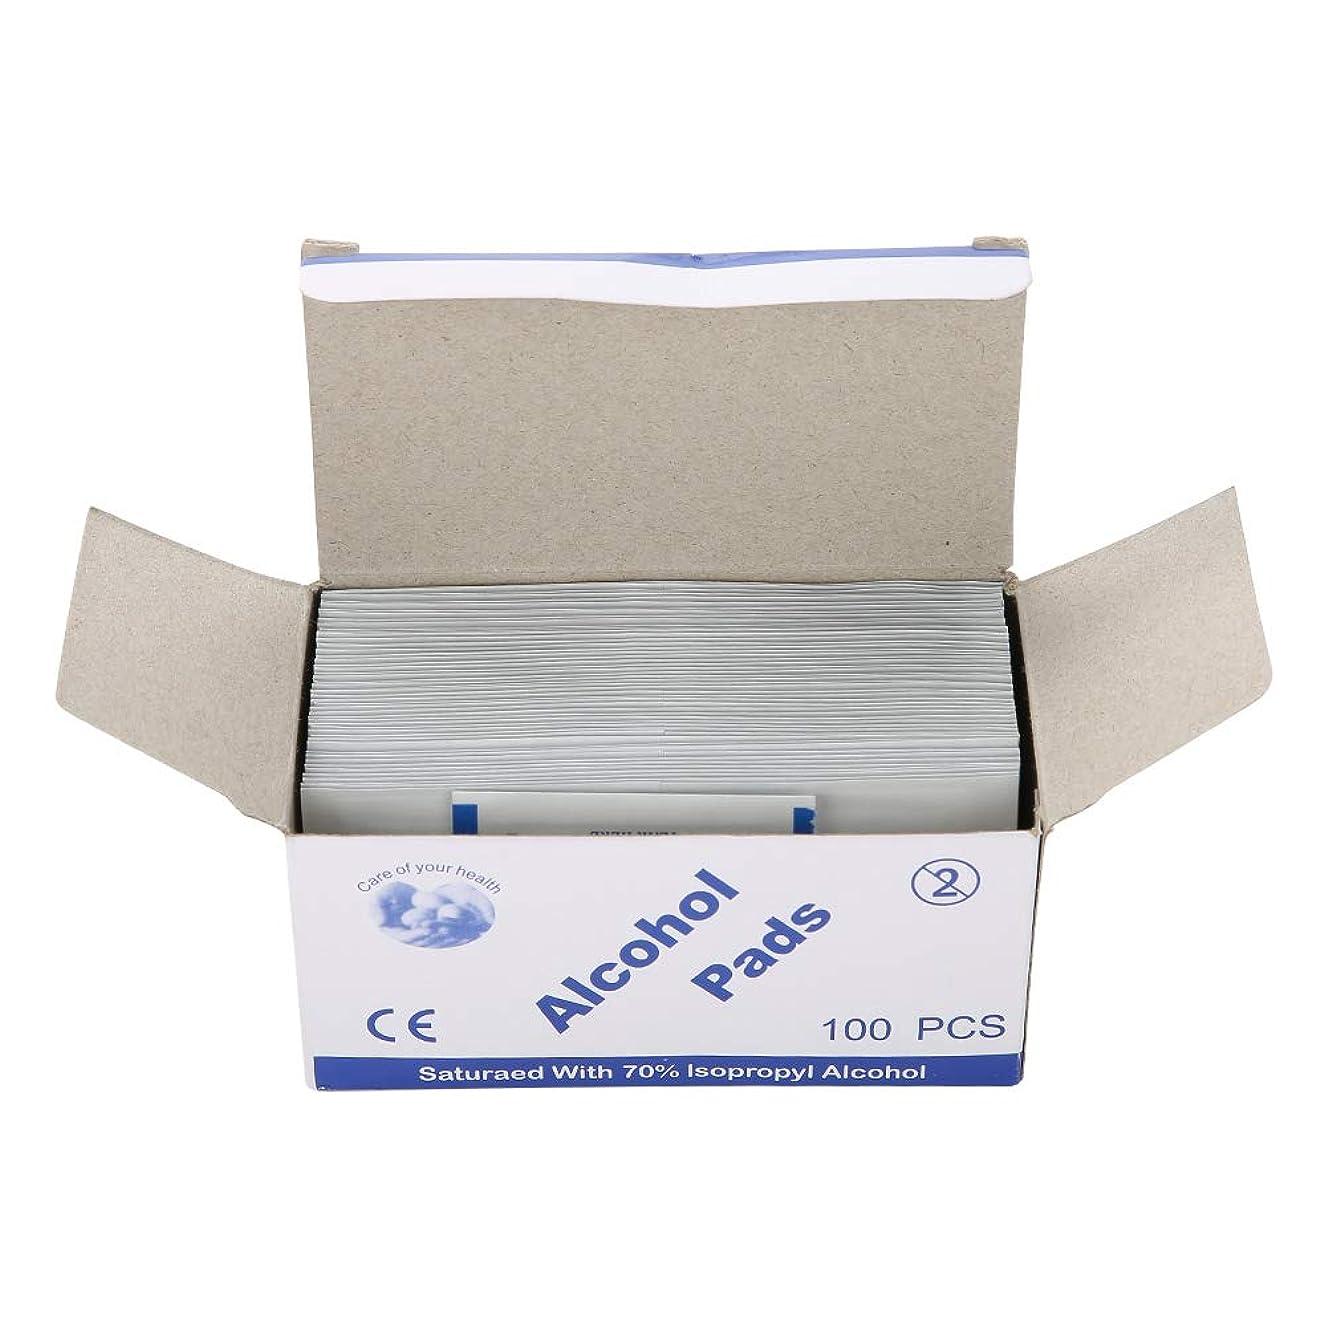 安心皿ブロックする100個/箱使い捨てアルコール綿パッド (UnitCount : 2 box)